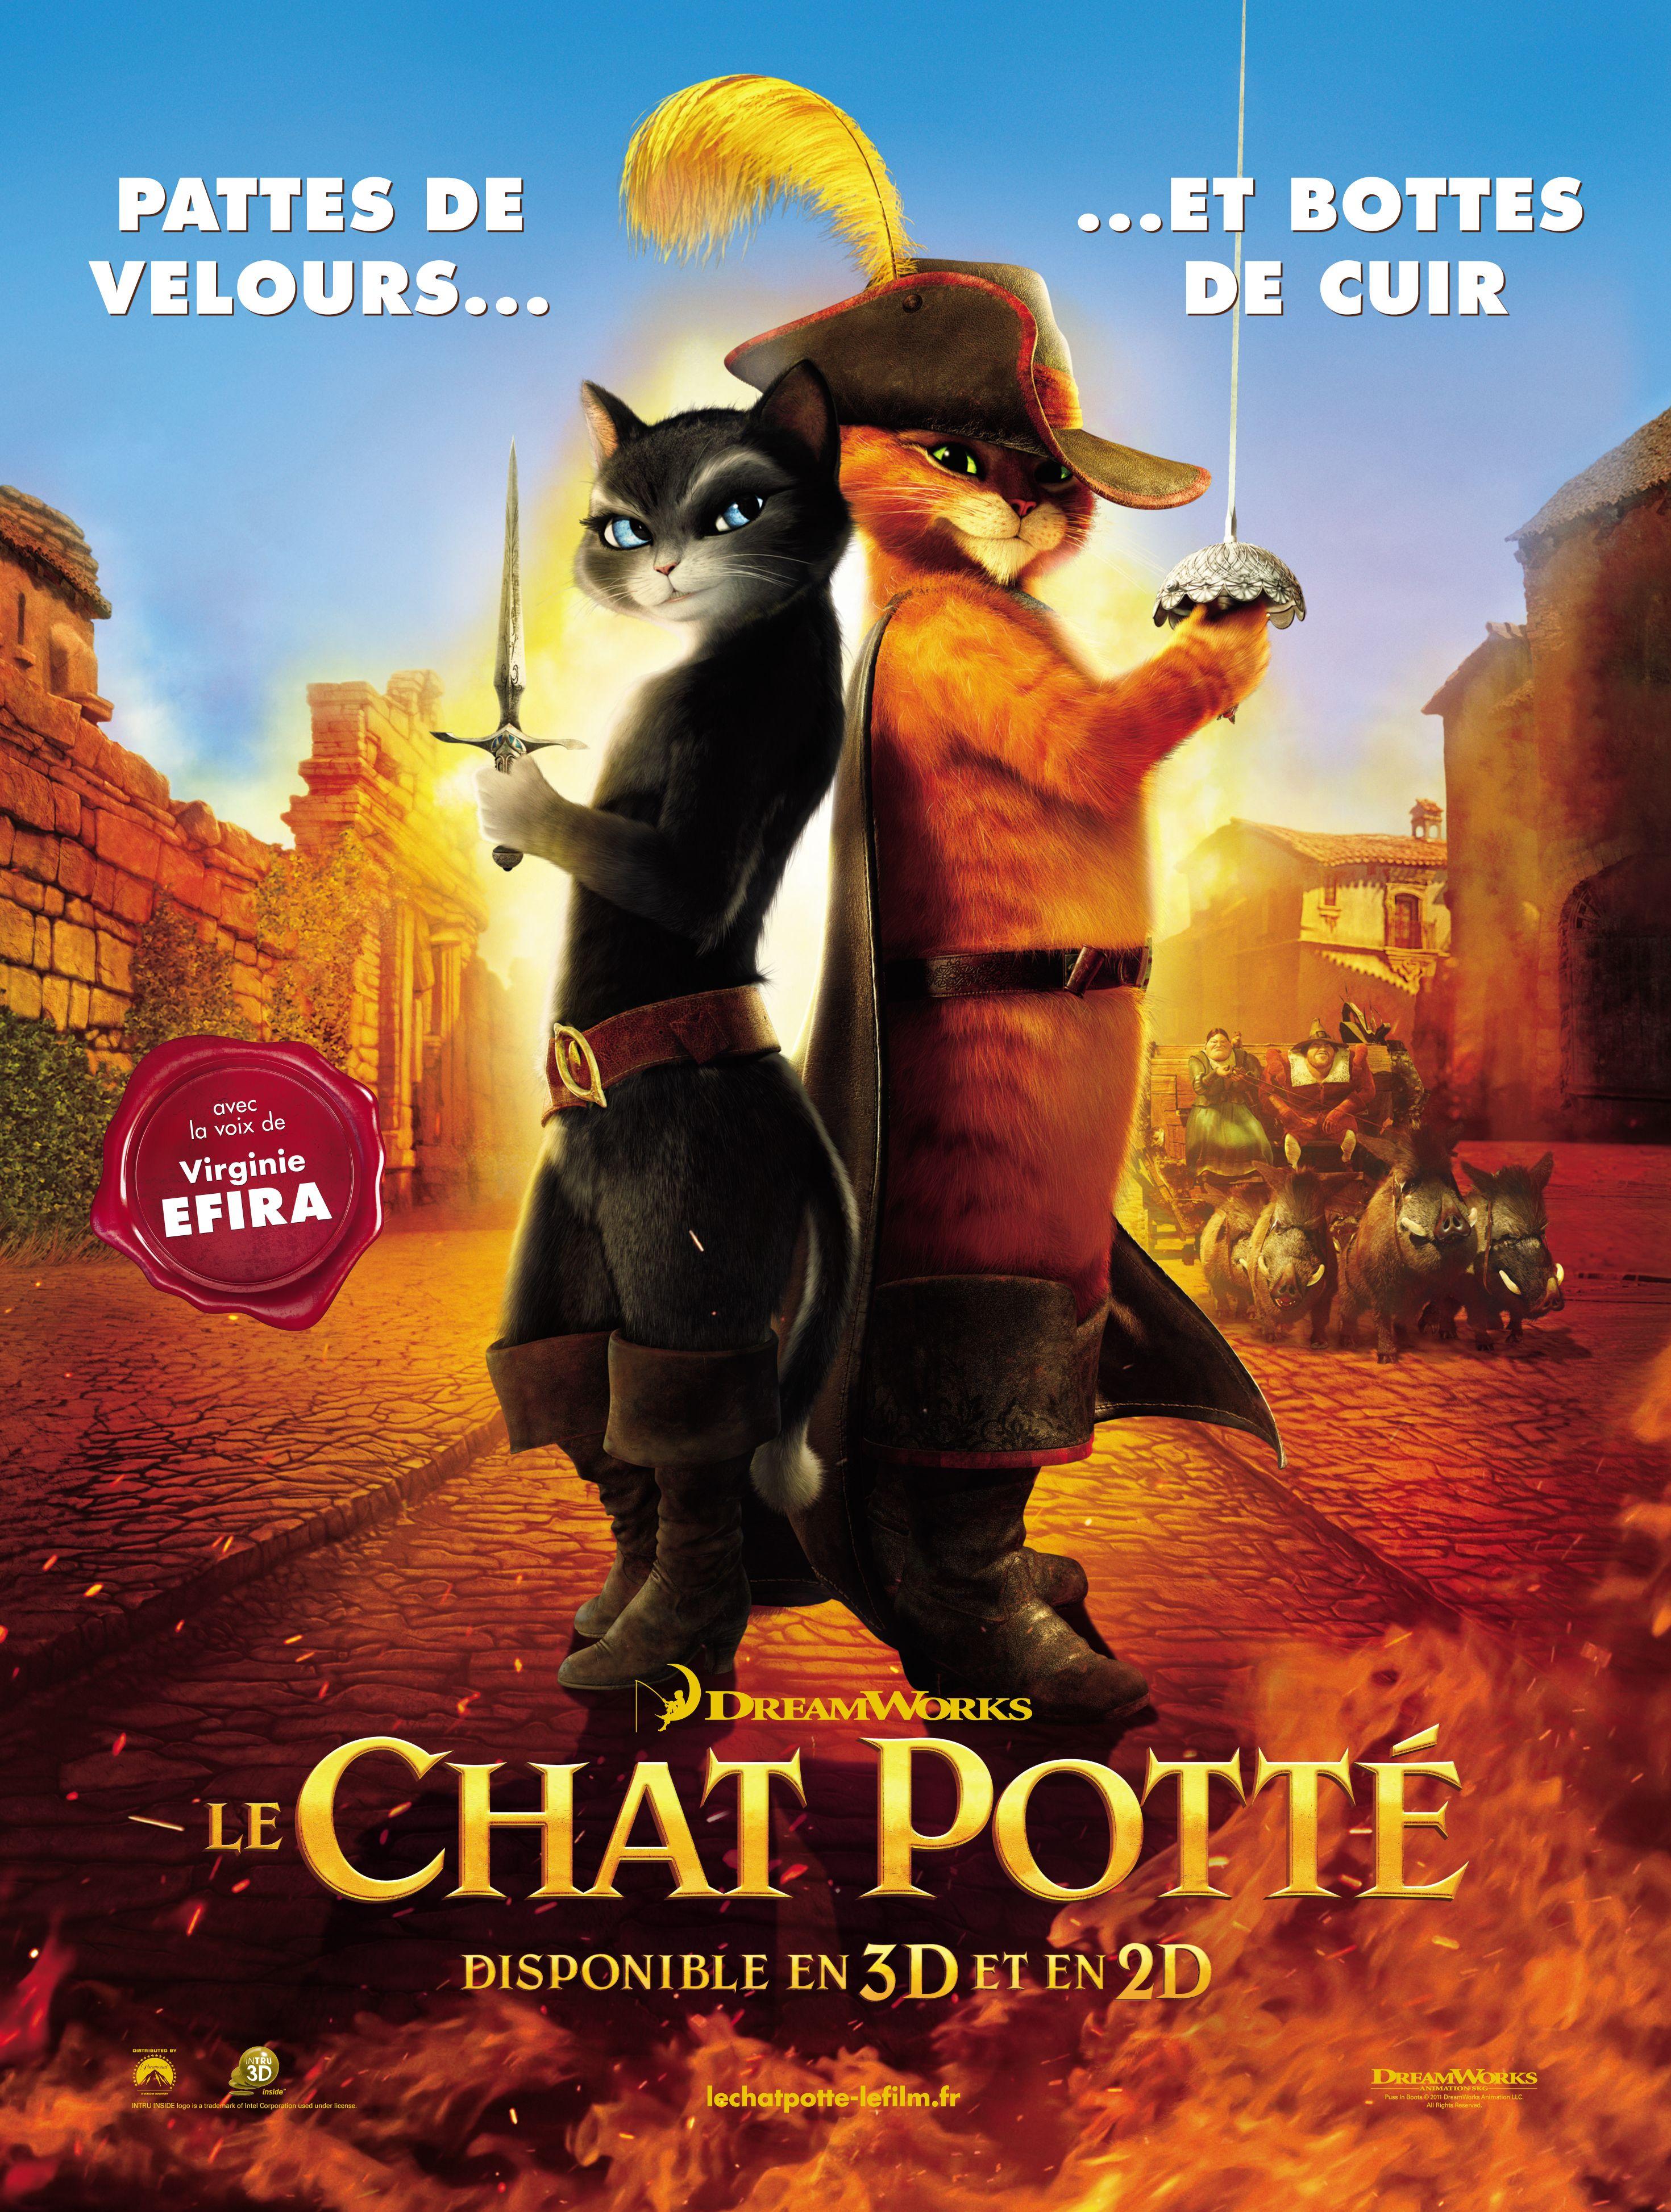 Le Chat Potte Affiches Et Pochettes Le Chat Potte De Chris Miller Chat Potte Dreamworks Chat